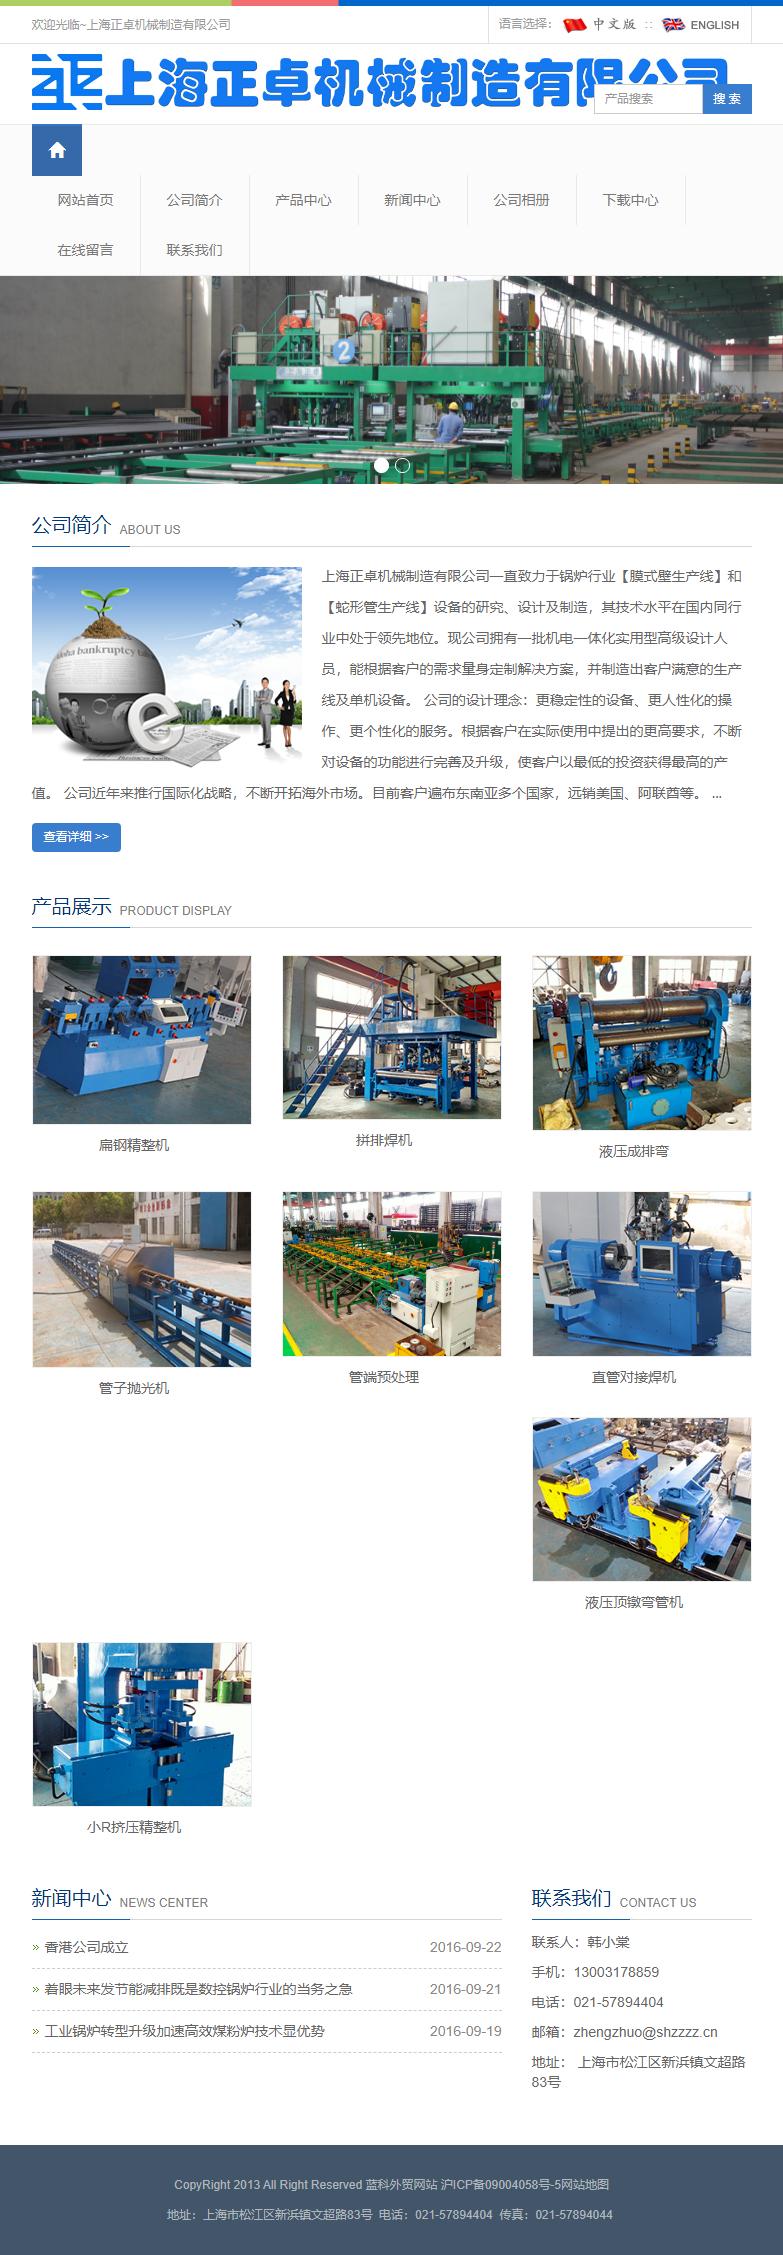 上海正卓机械制造有限公司网站案例